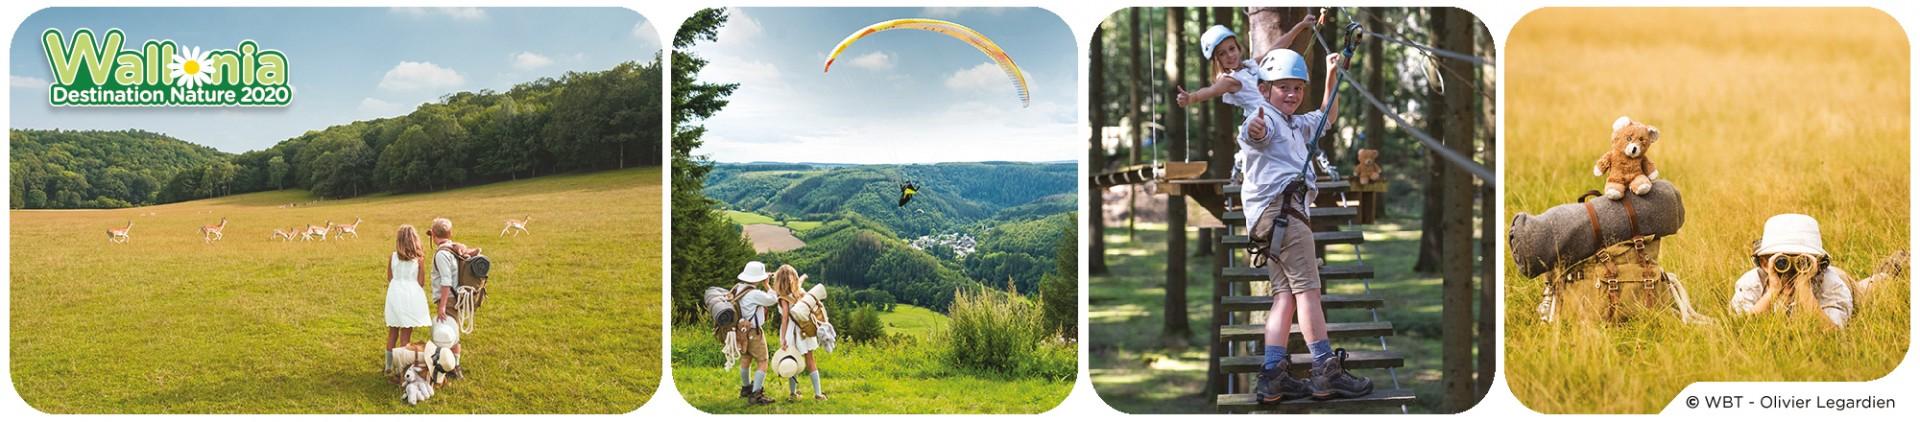 Wallonia Nature 2020